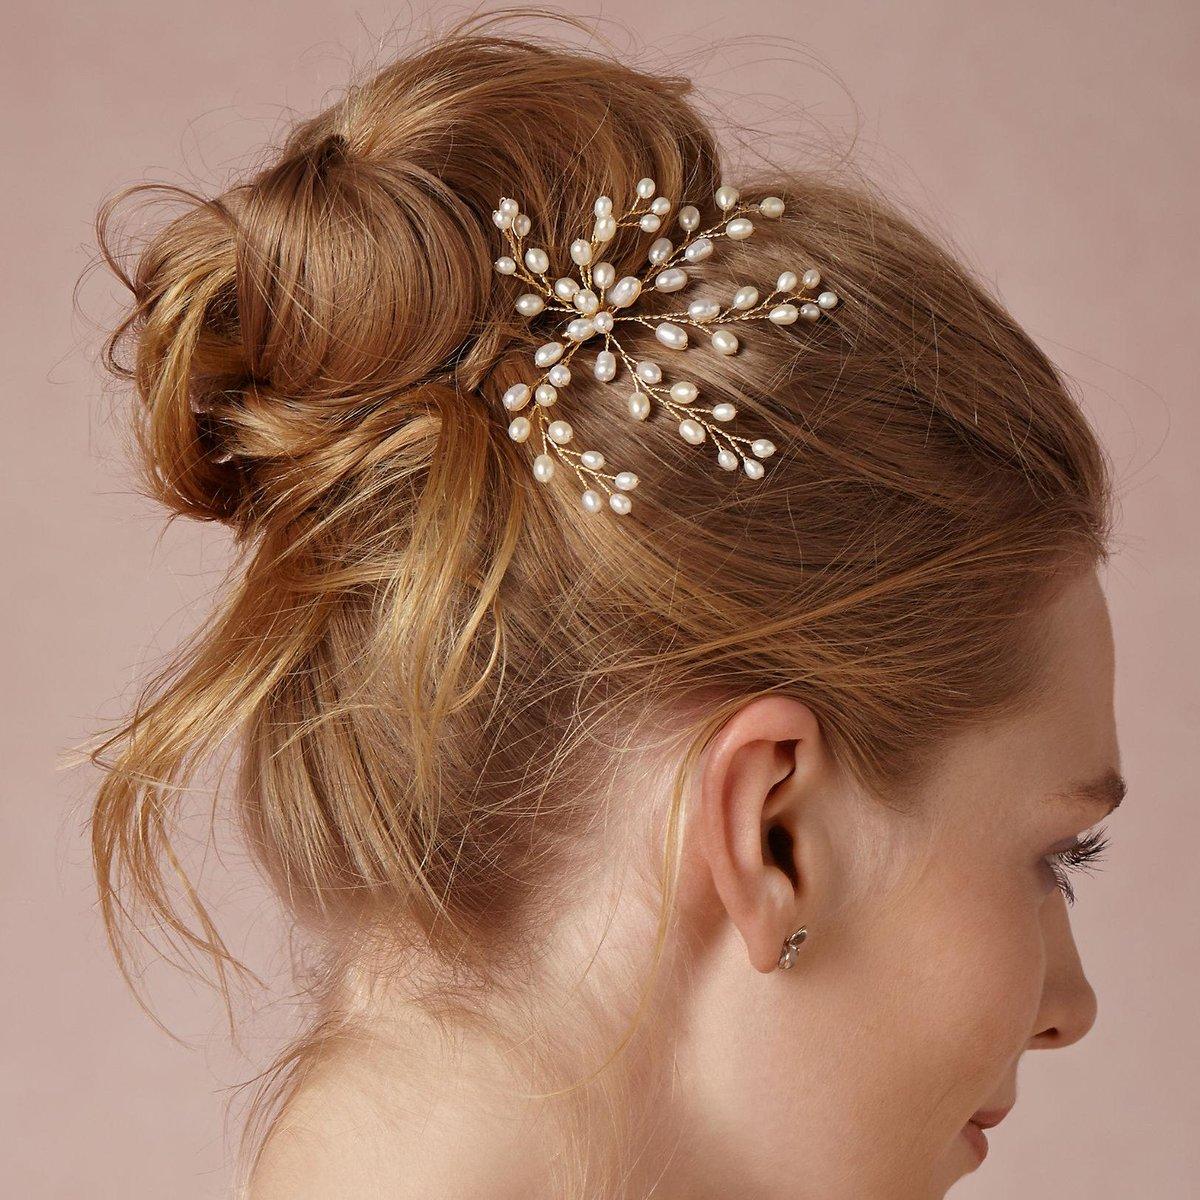 этом прически с украшениями для волос картинки известен своим необычным